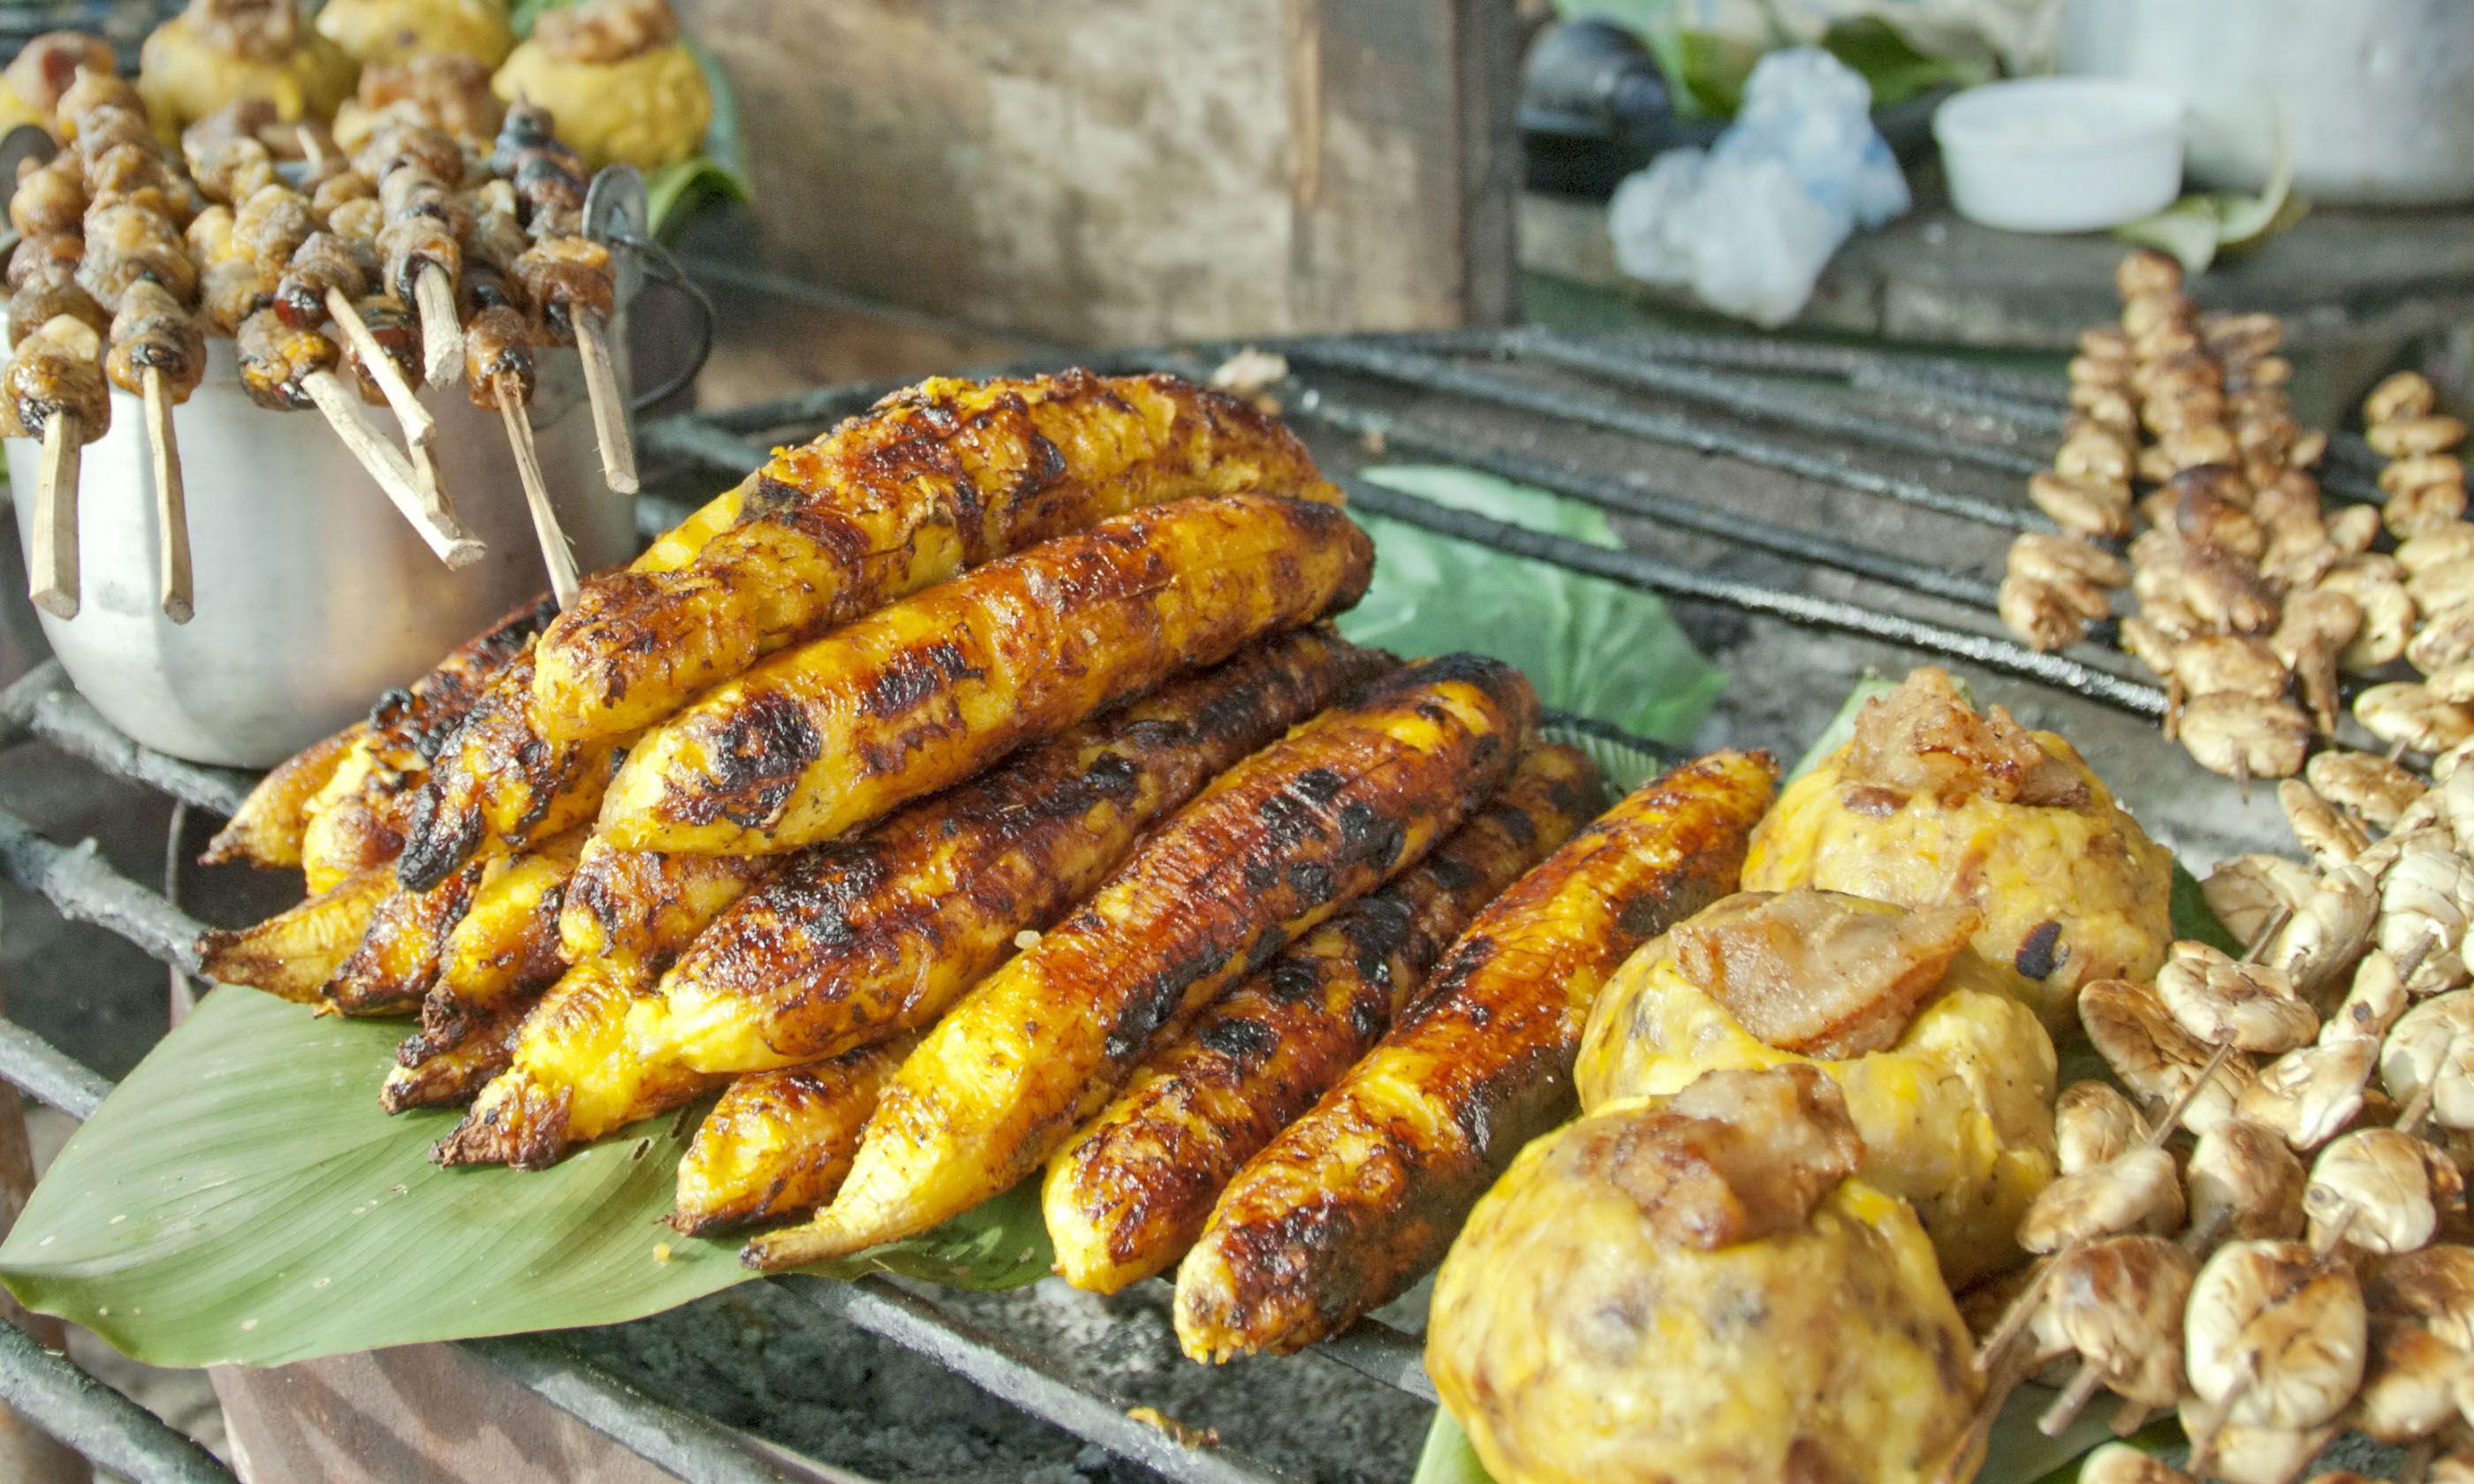 Fried Banana in Peru (Shutterstock.com)